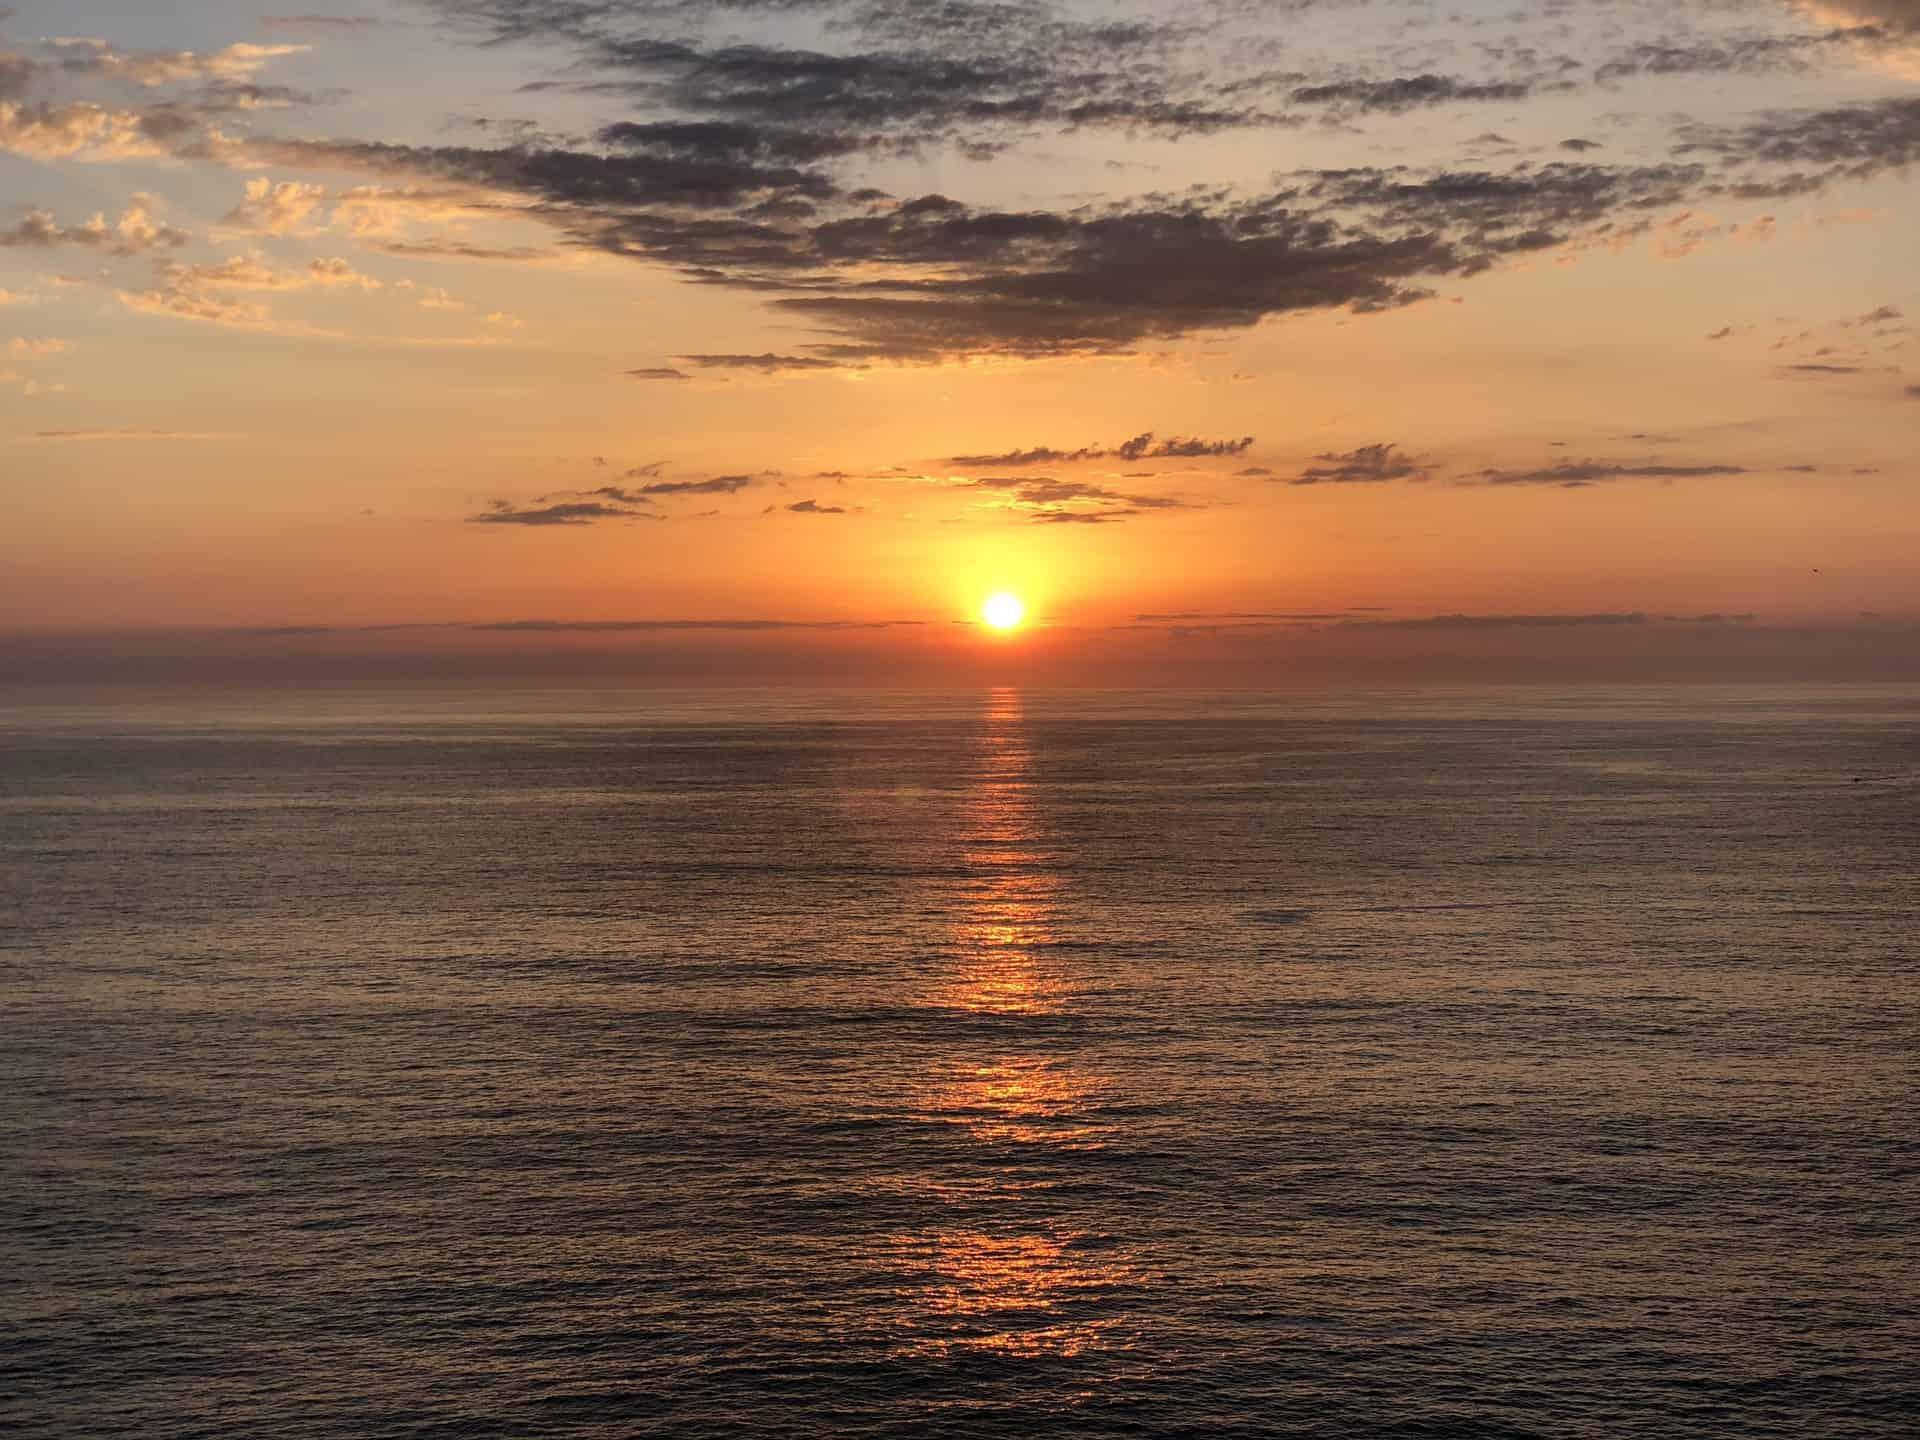 Schöner_Sonnenuntergang_10